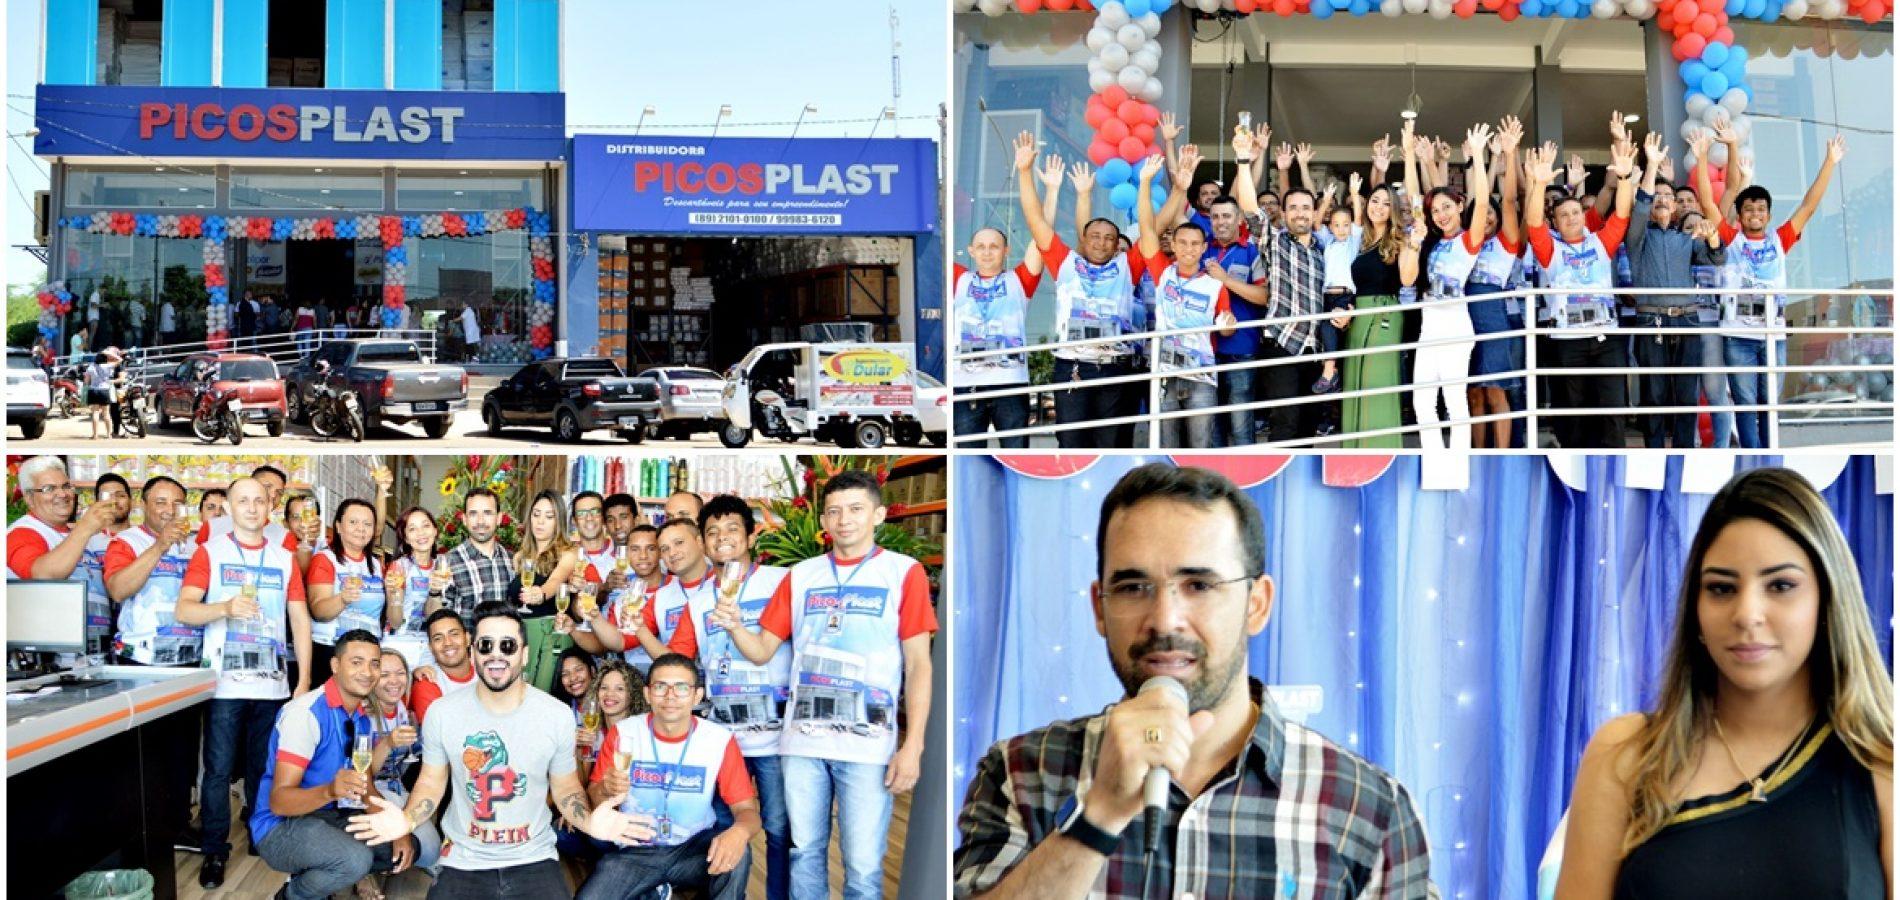 Empresa Picosplast inaugura nova loja em Picos; veja fotos